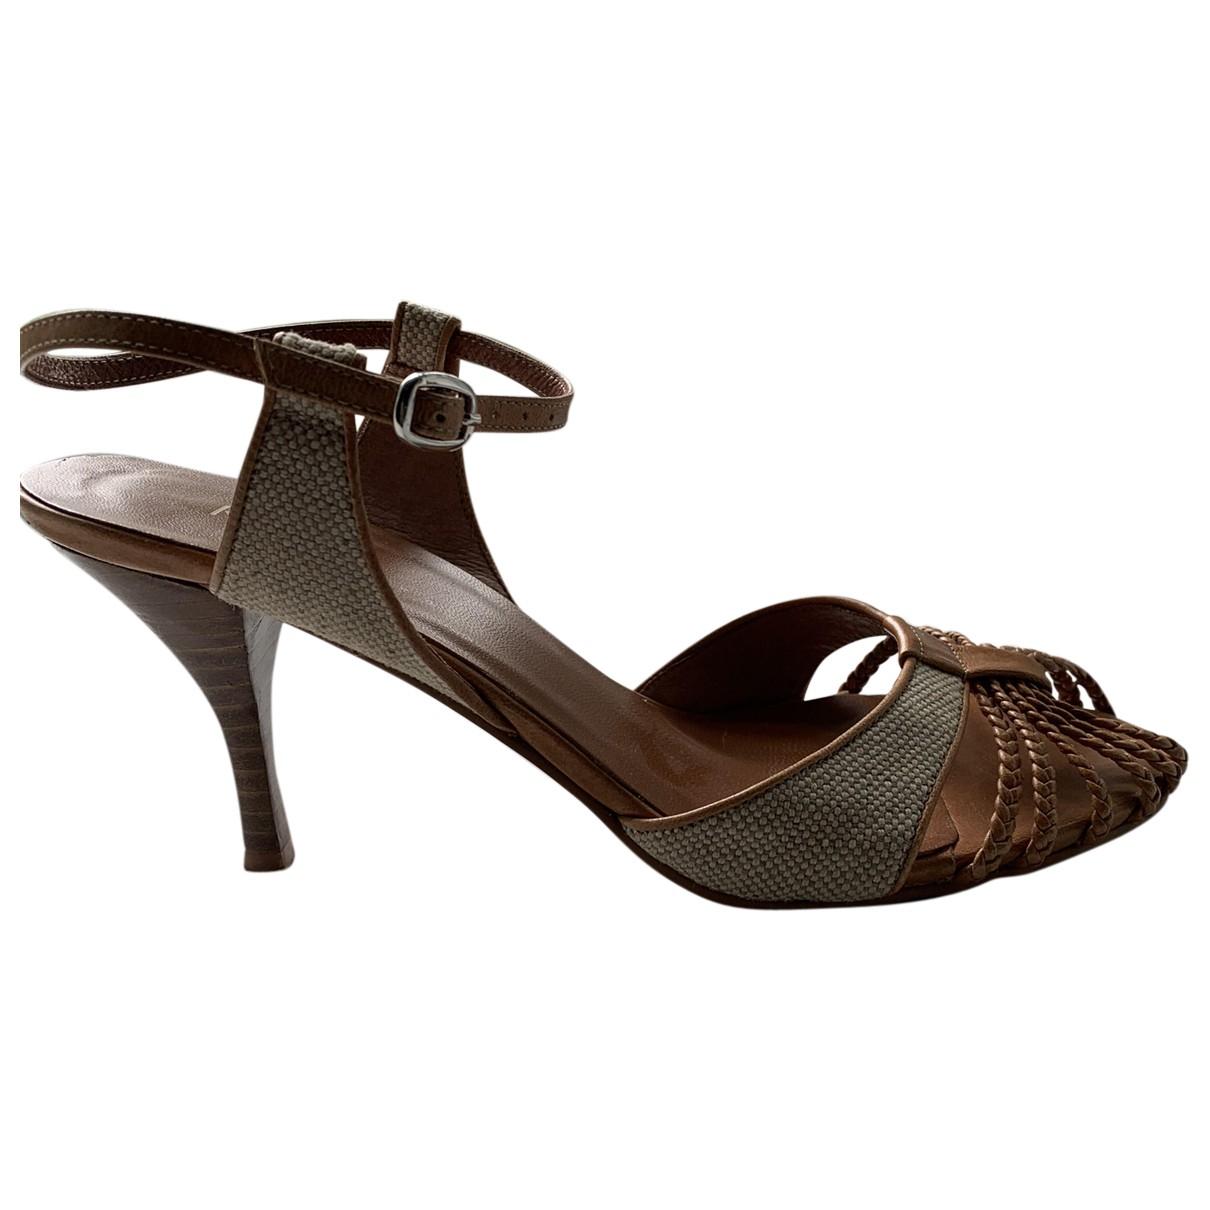 Kurt Geiger \N Camel Leather Heels for Women 38 EU